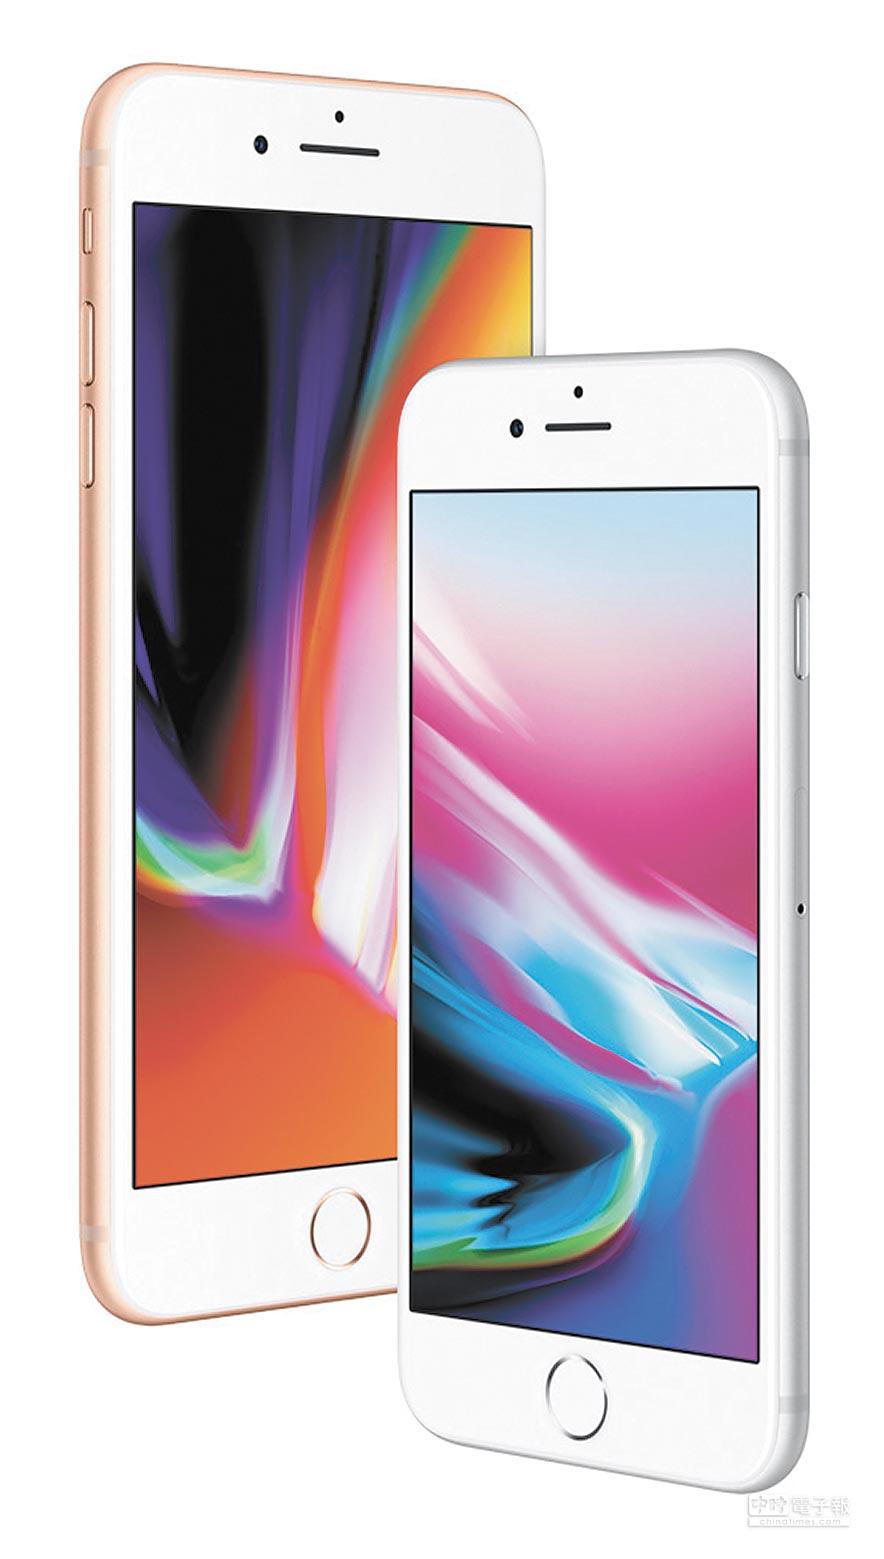 新光三越台北信義新天地iPhone 8 64G,23日、28日扣貴賓卡200點+2萬1600元,限量50台,可省3900元。(新光三越提供)